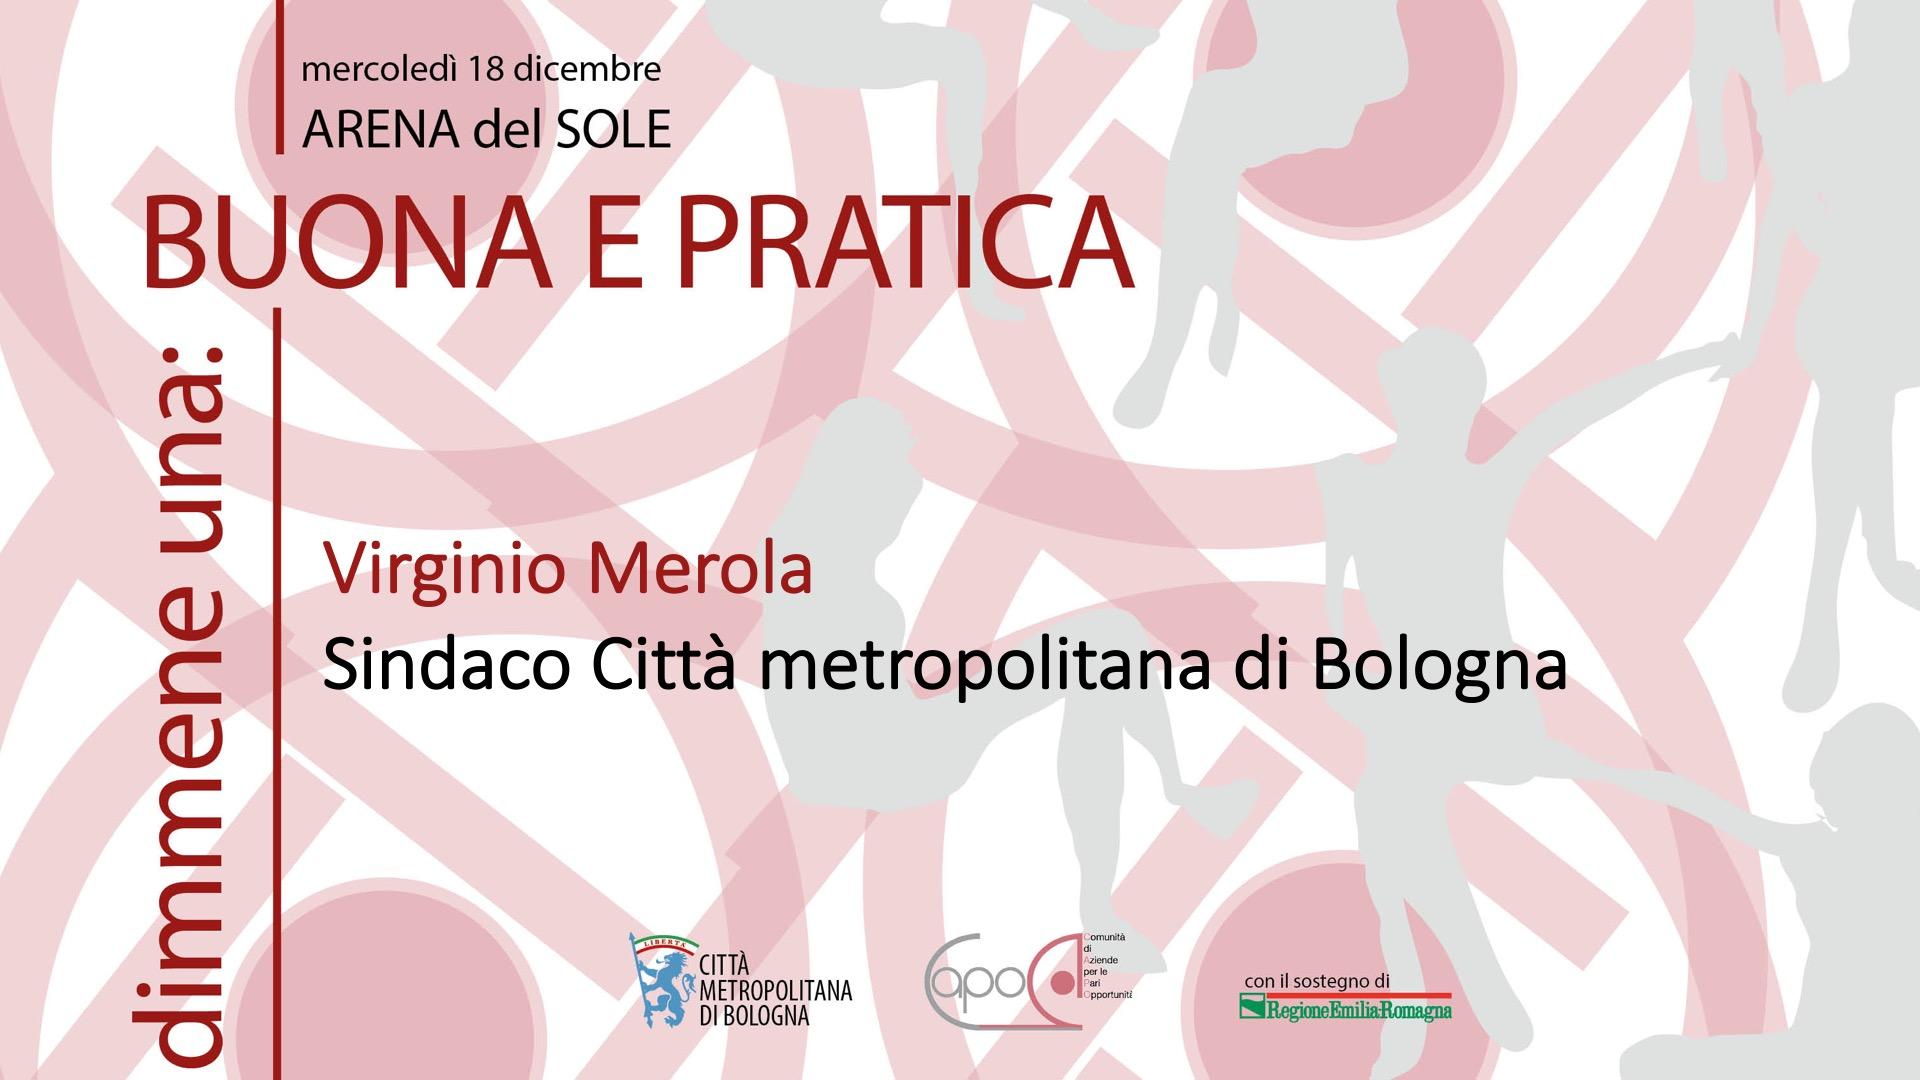 Virginio Merola - Sindaco Città metropolitana di Bologna